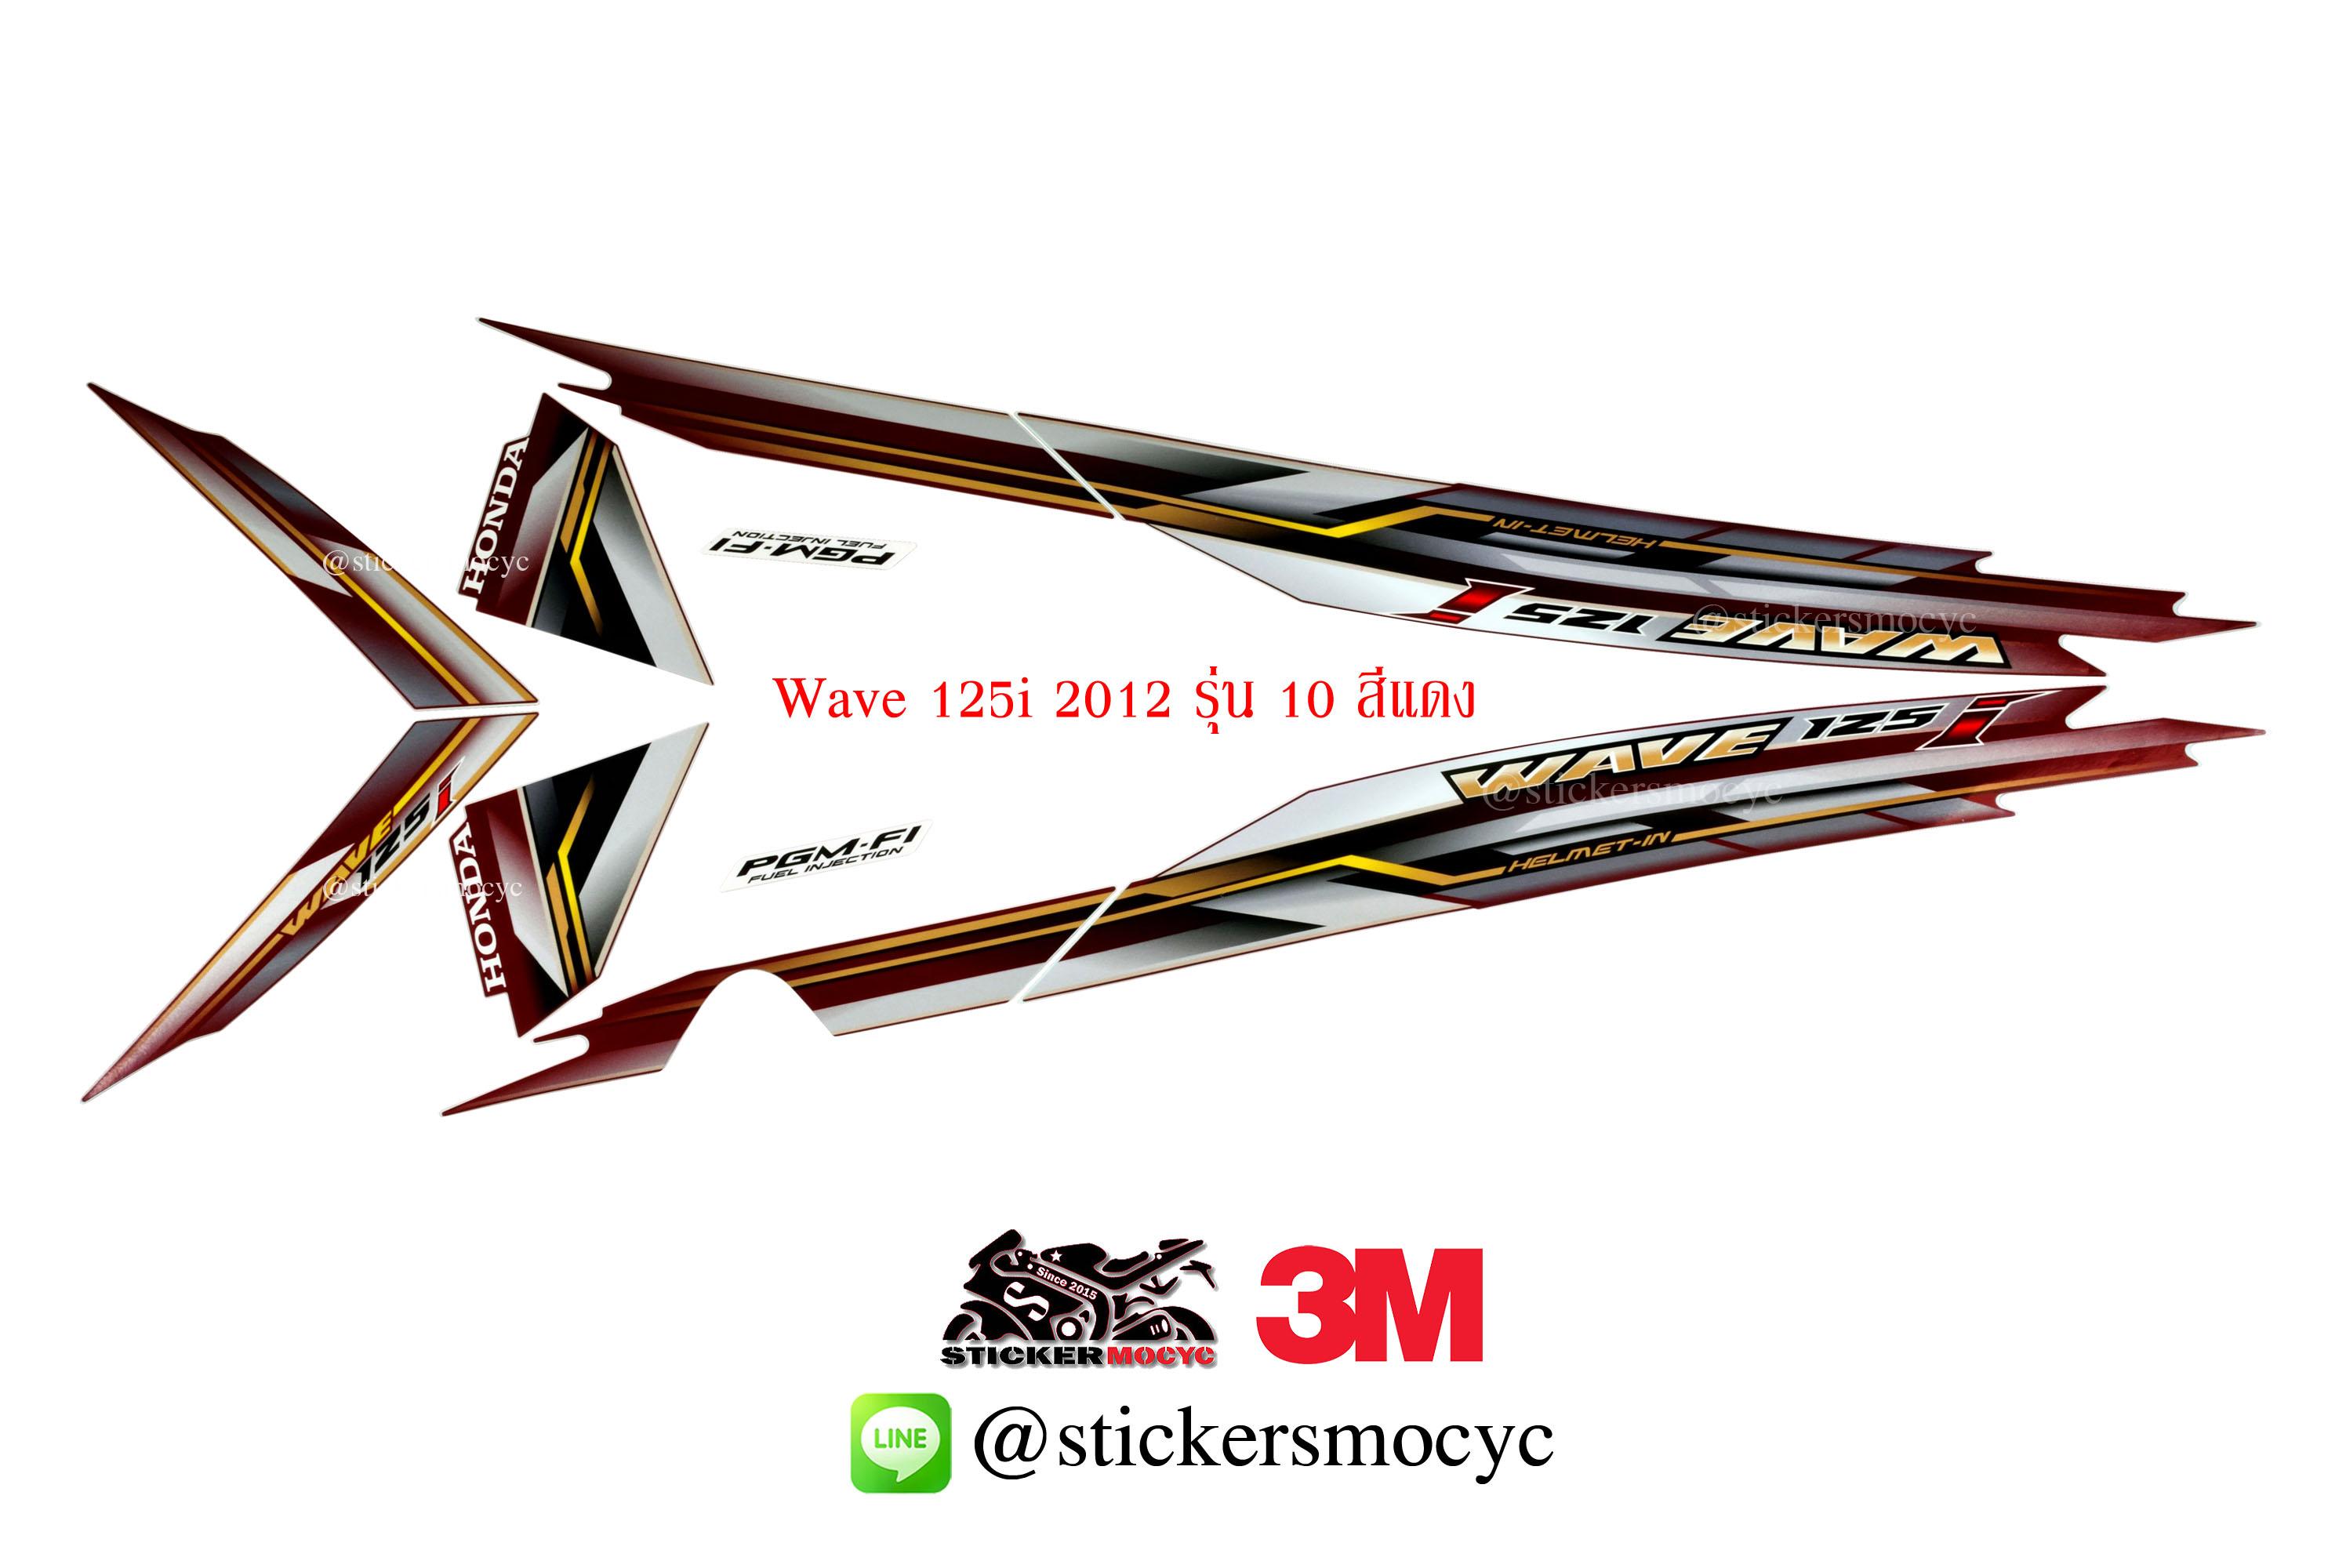 สติ๊กเกอร์ติดรถมอเตอร์ไซค์ 3m Wave 125i ปี 2012 รุ่น 10 สีแดง